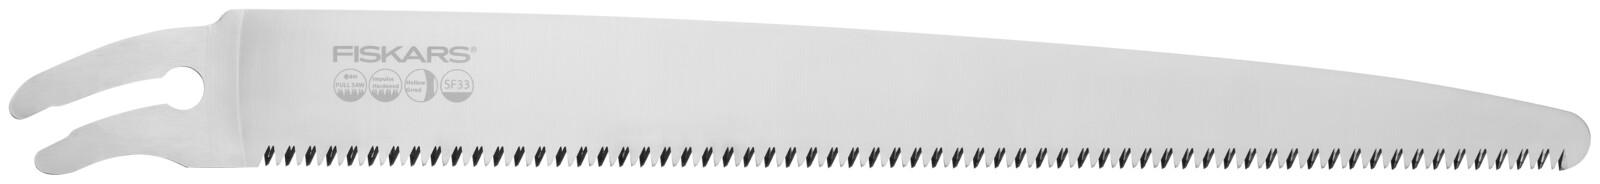 Fiskars Лезо змінне для пили SF33